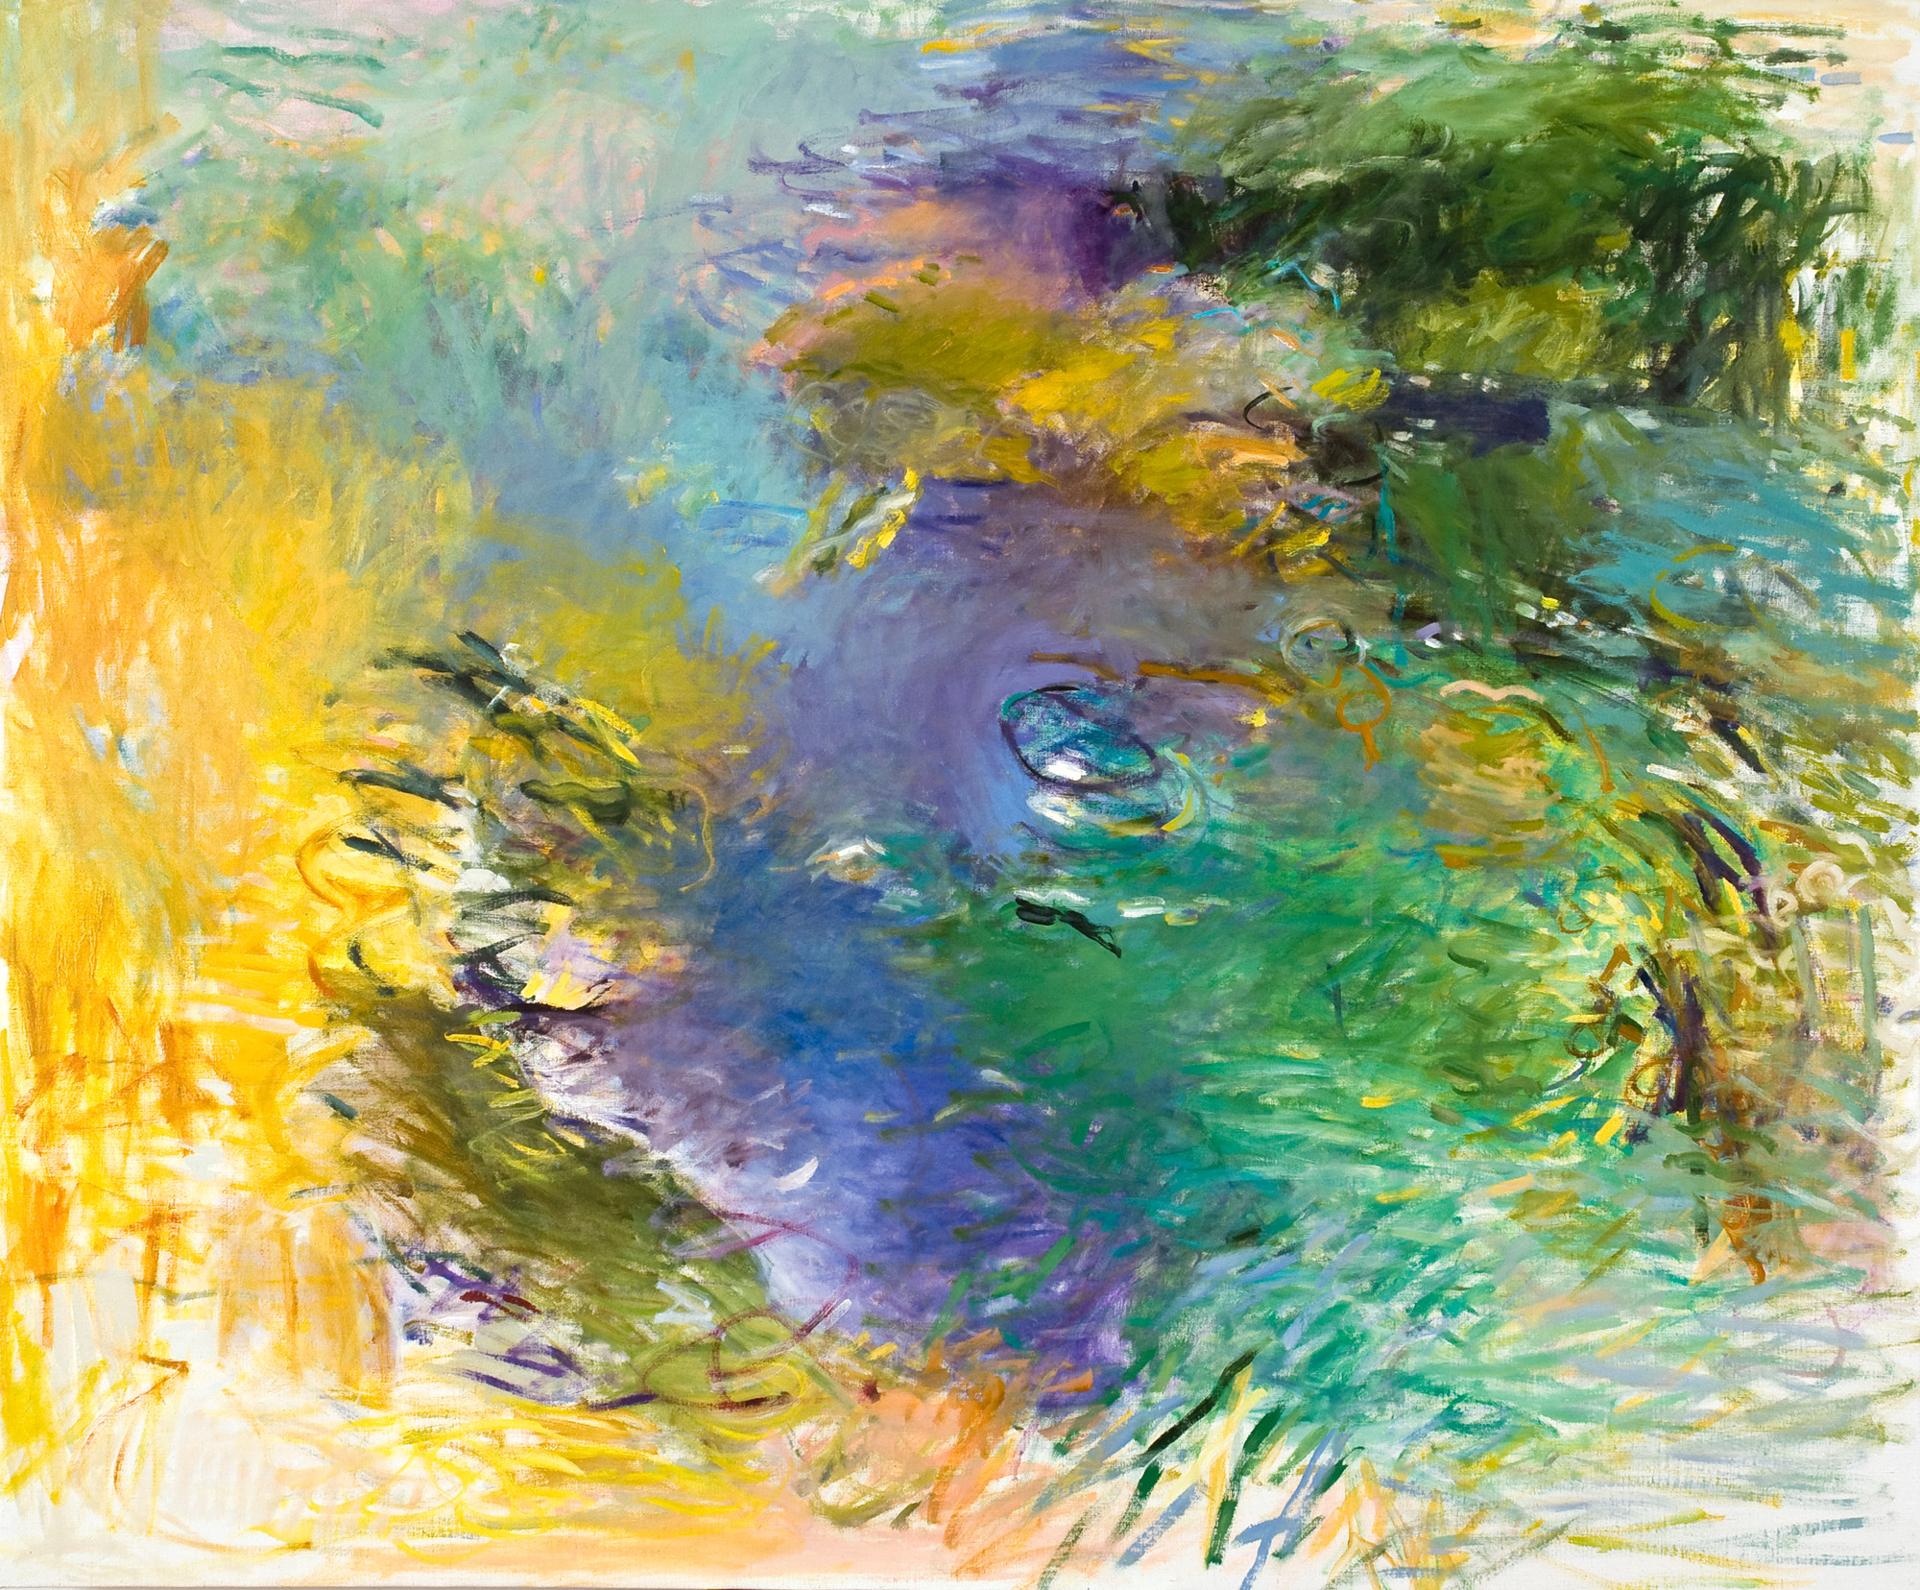 Sueno by Caryn Friedlander